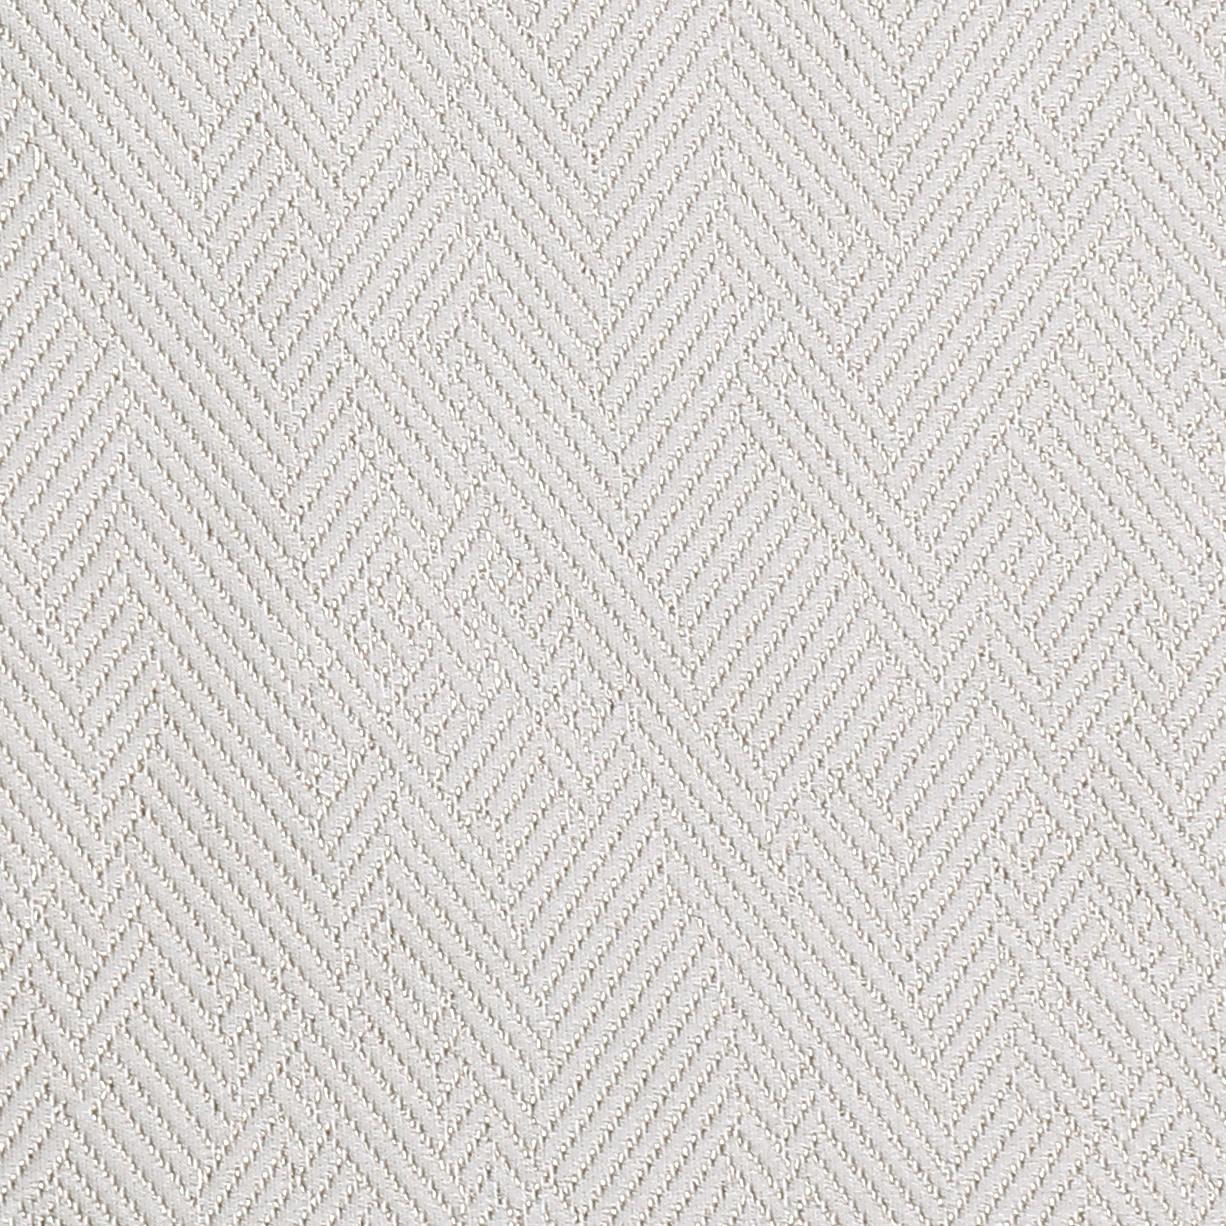 TC1336- 70 x 144 Jacquard Desert White Gold Tablecloth